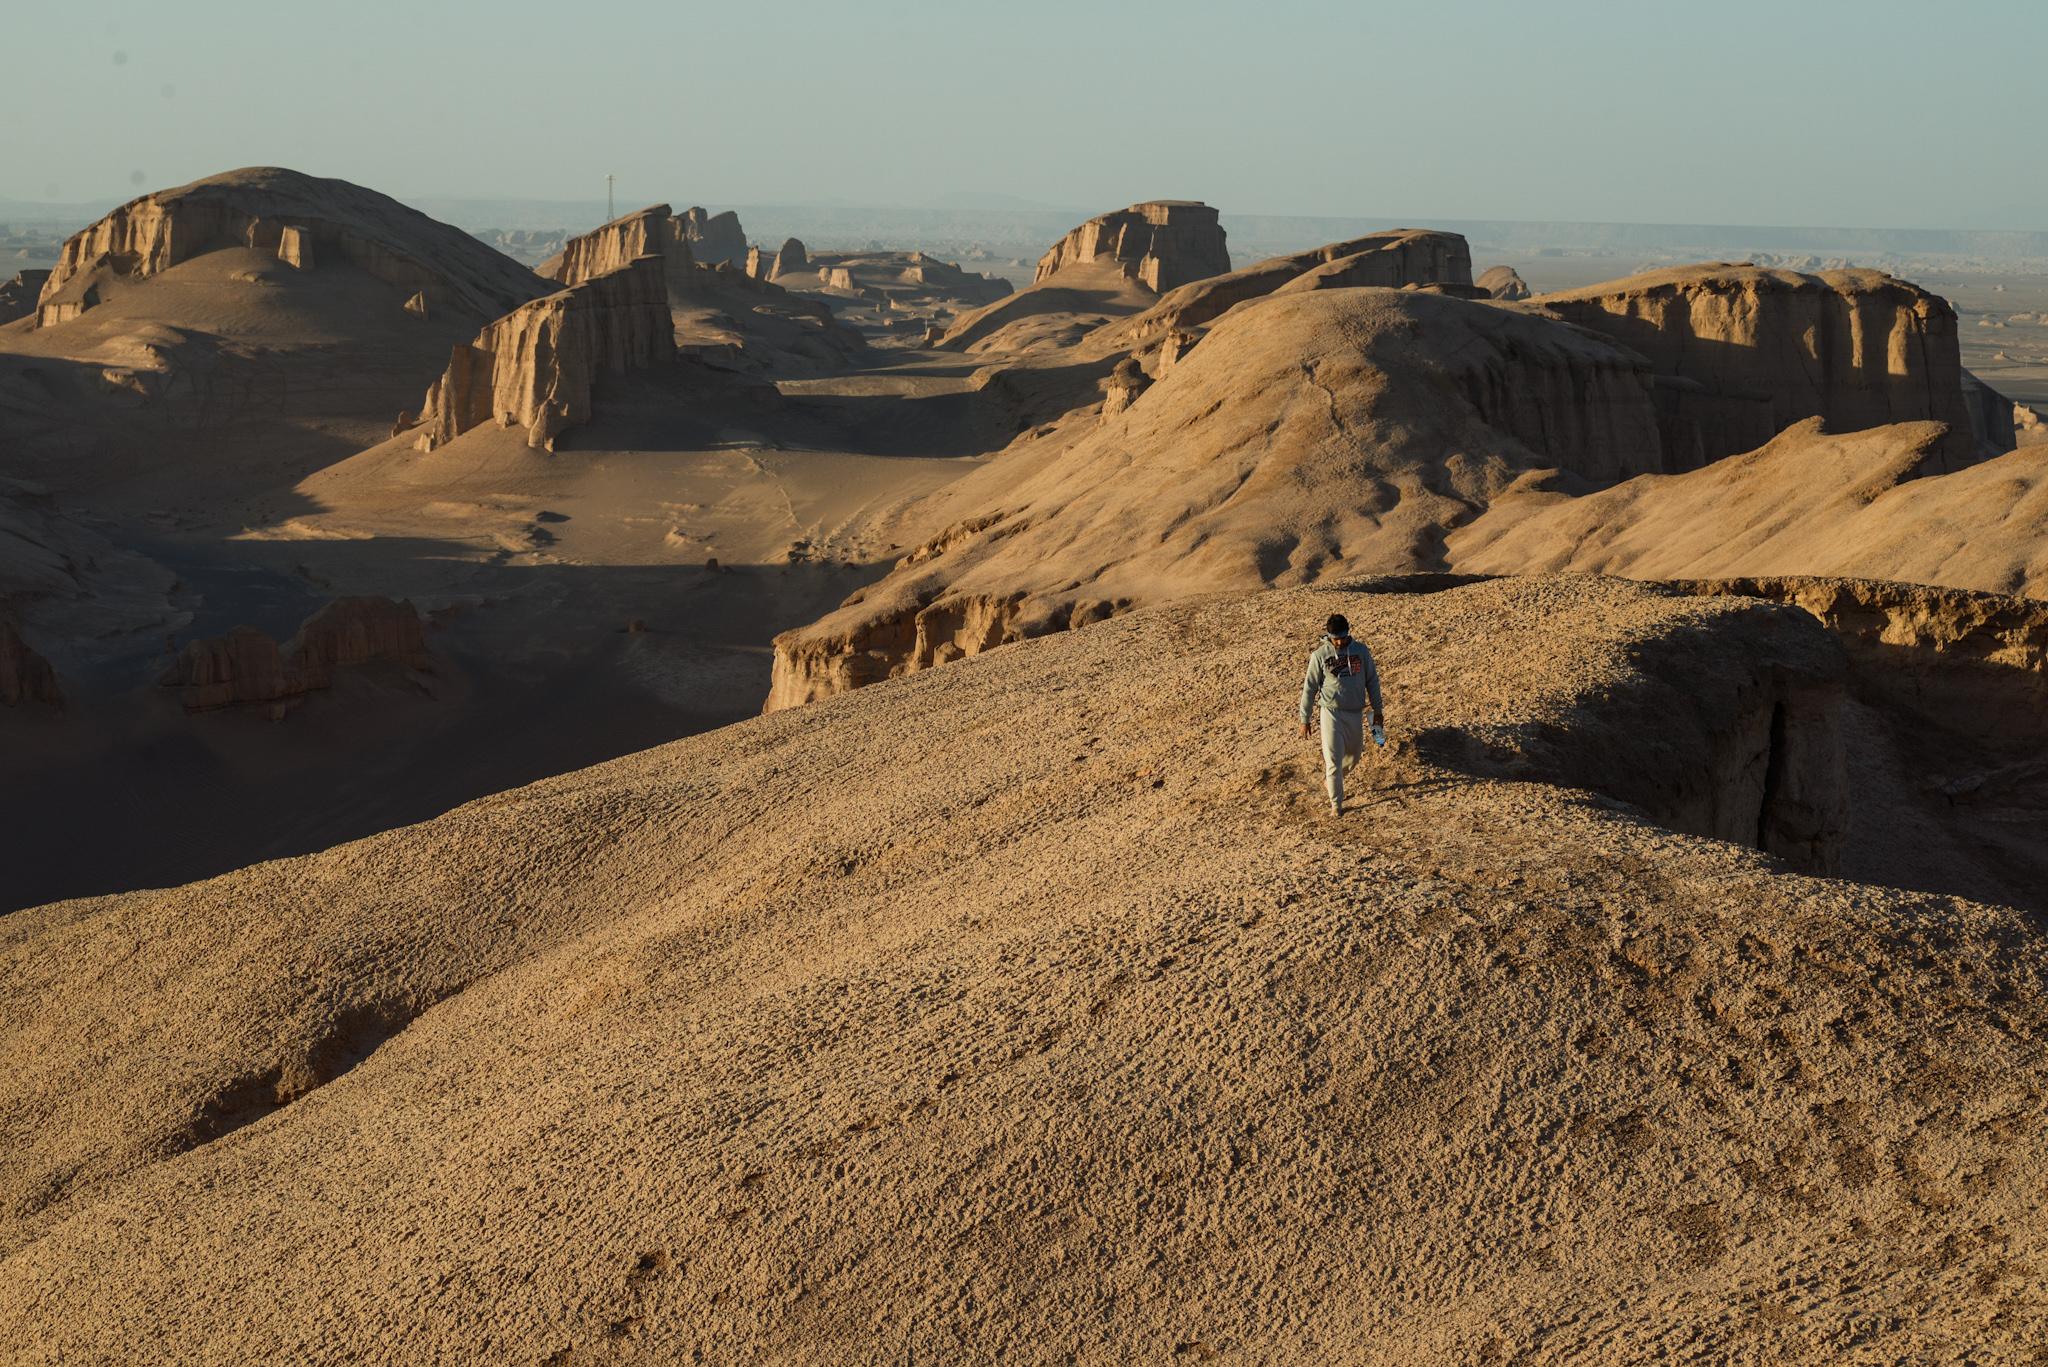 Amir au pays des merveilles